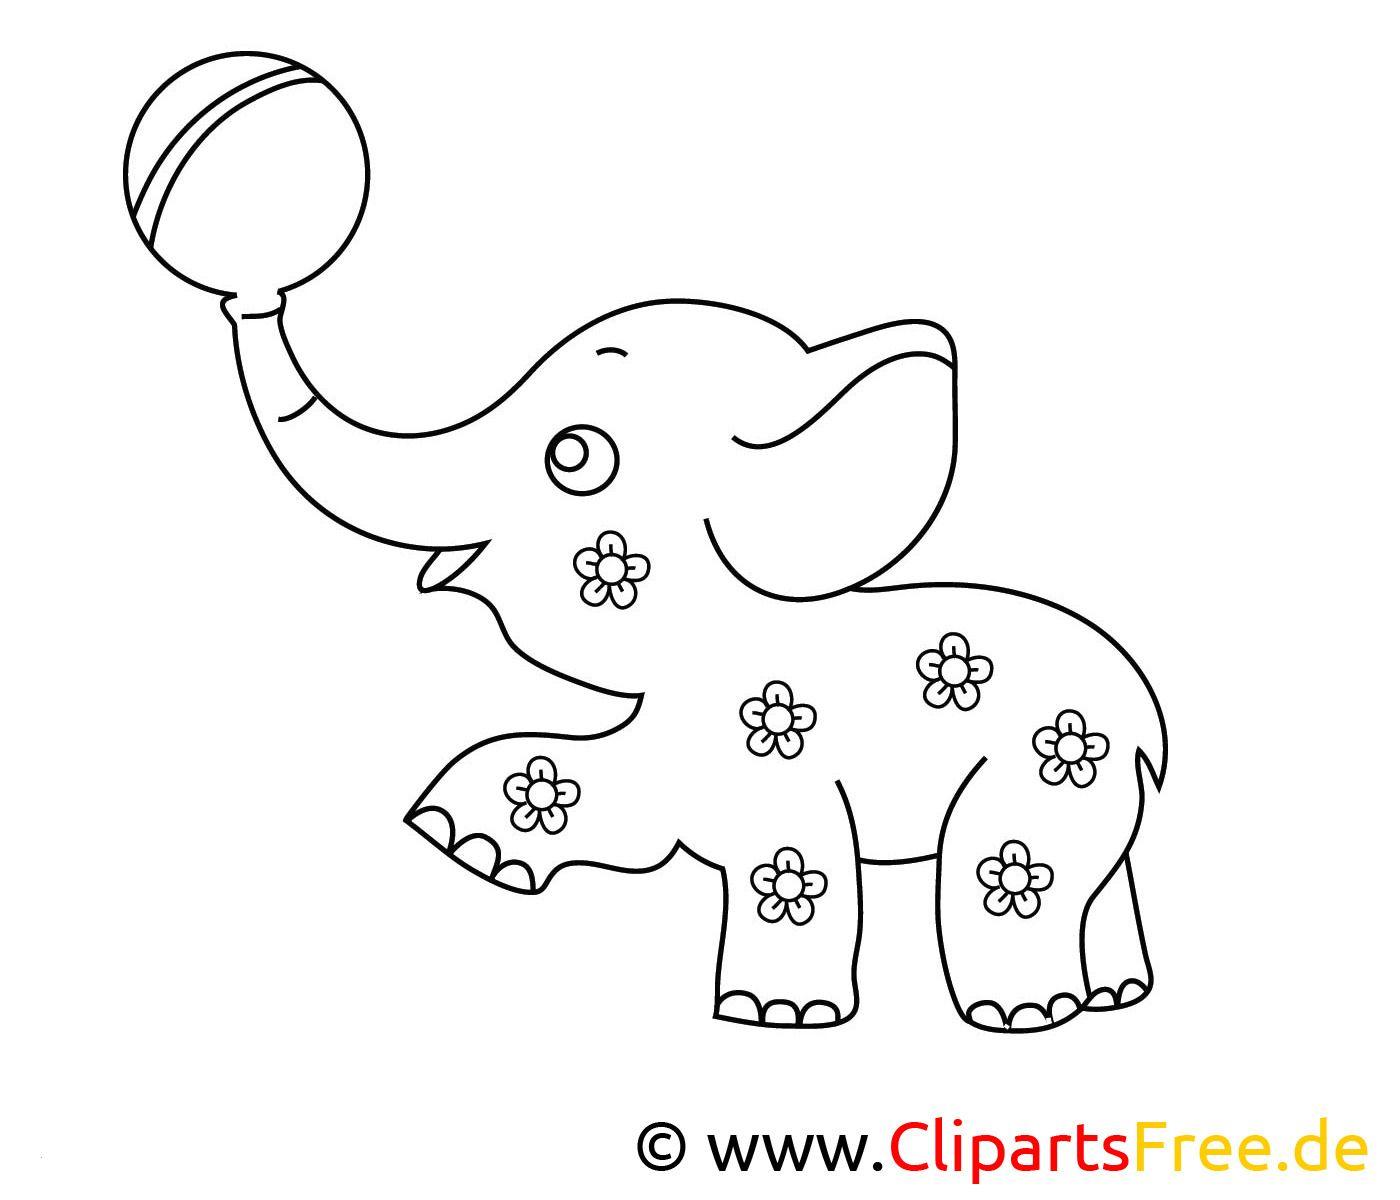 Malvorlagen Elefant Inspirierend Zoo Malvorlagen Kostenlos